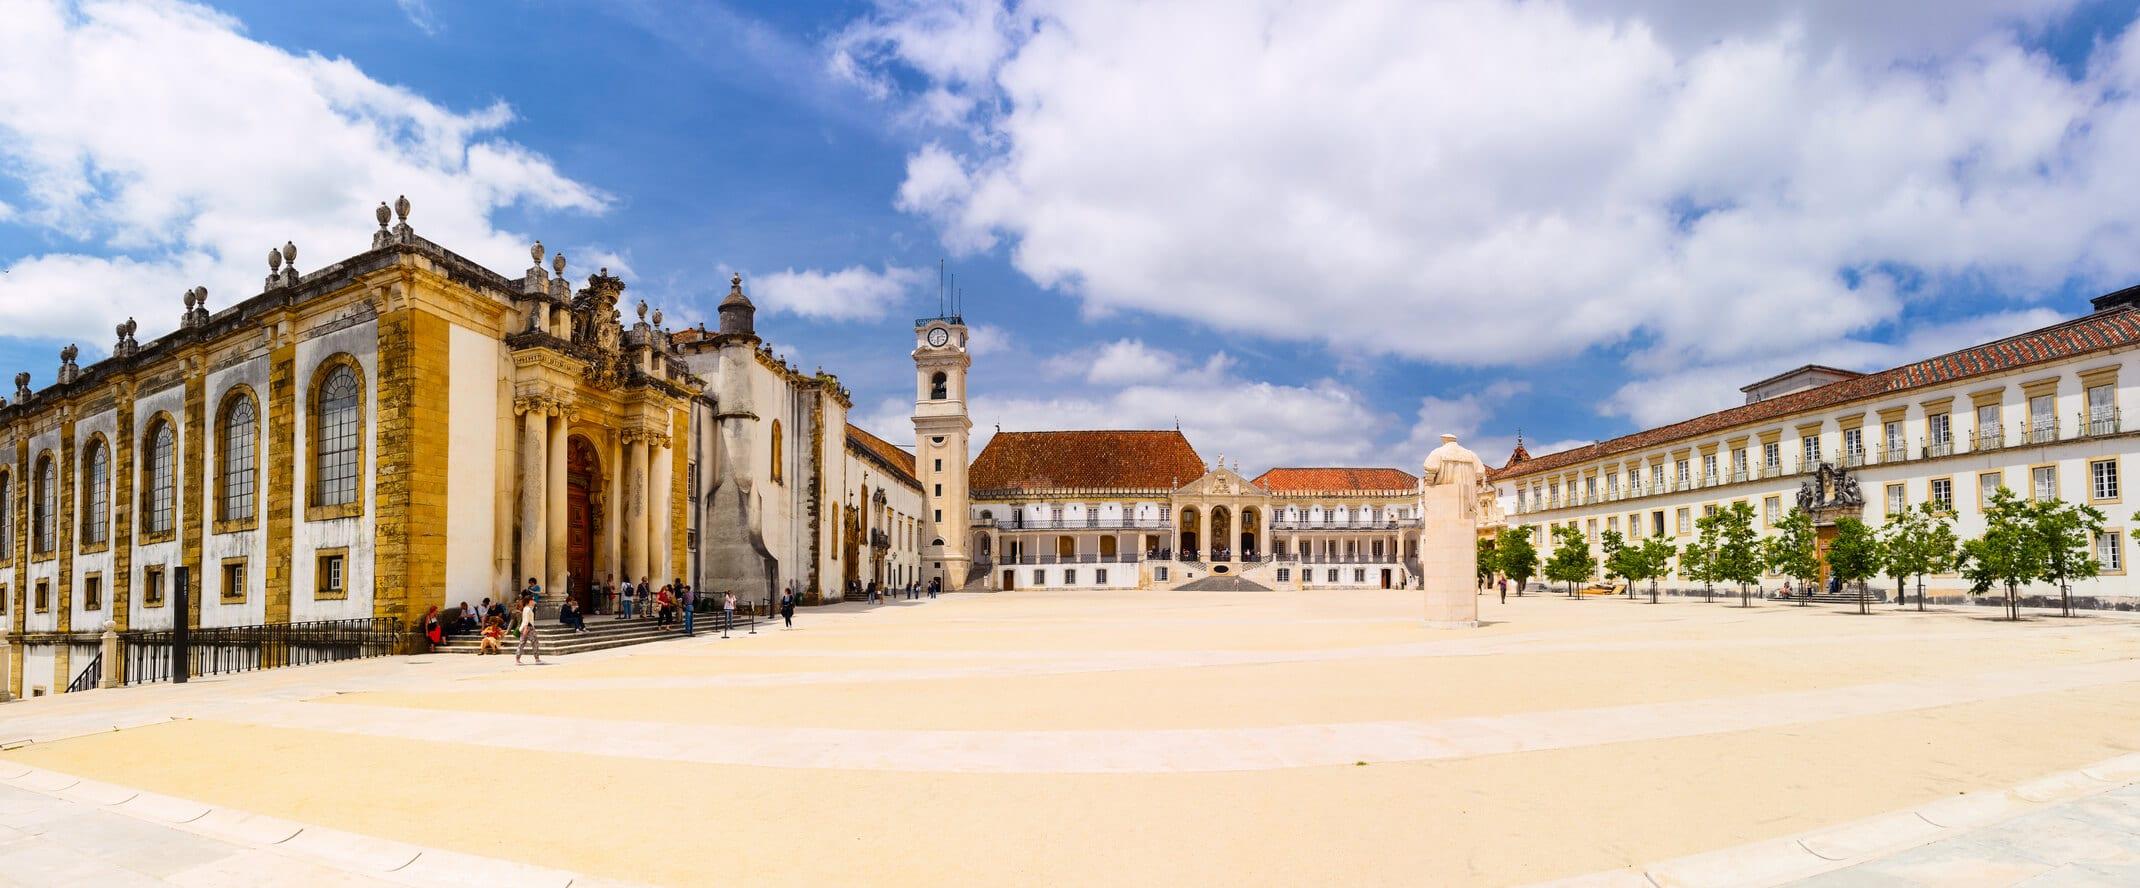 Visitas Guiadas Coimbra: Pátio Universidade Coimbra